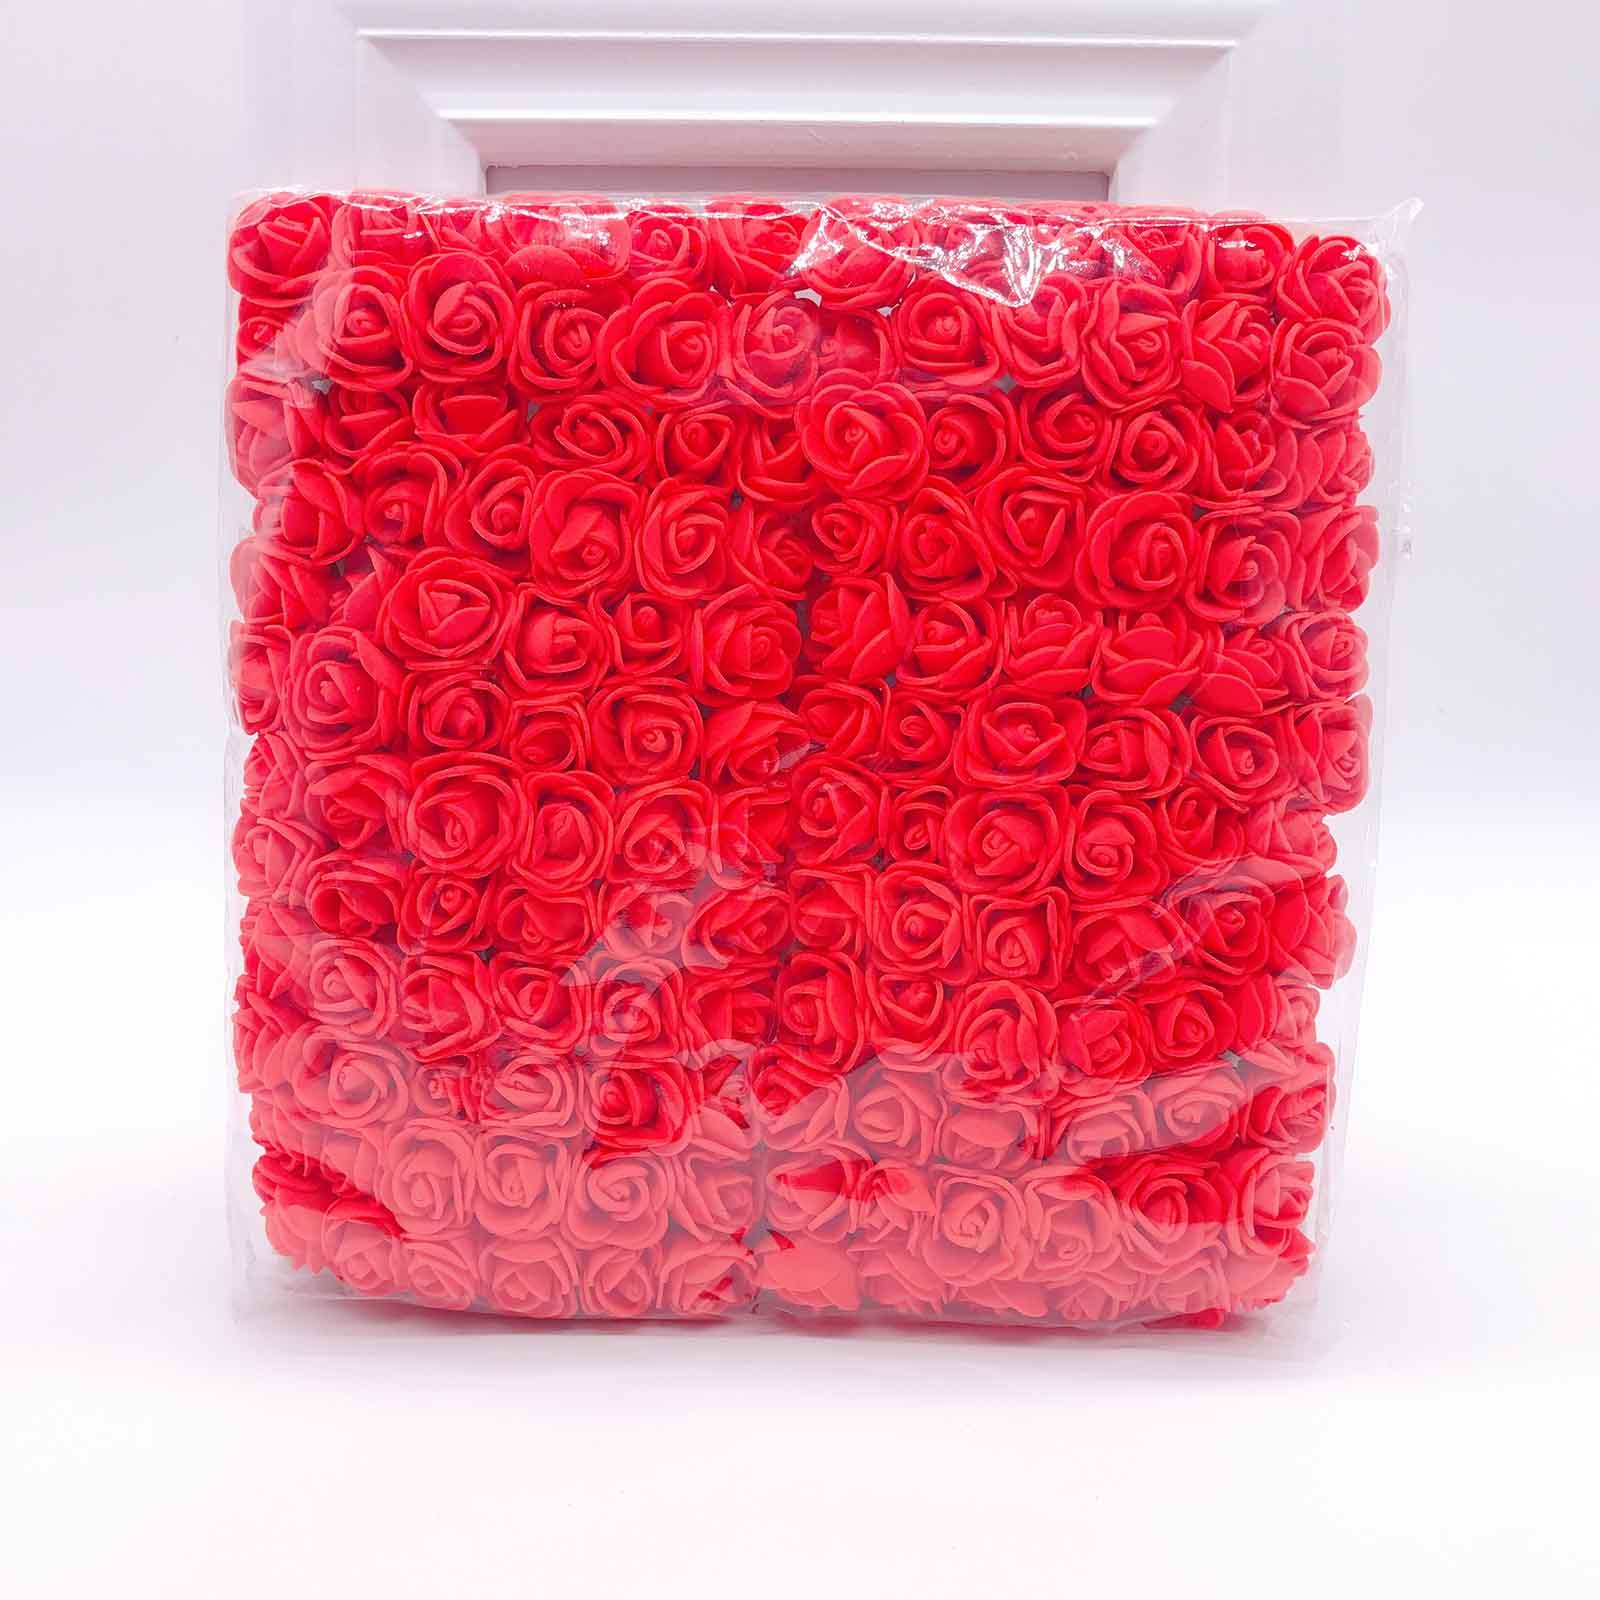 144 шт 2 см мини-розы из пенопласта для дома, свадьбы, искусственные цветы, декорация для скрапбукинга, сделай сам, венок, Подарочная коробка, дешевый искусственный цветок, букет - Цвет: 1